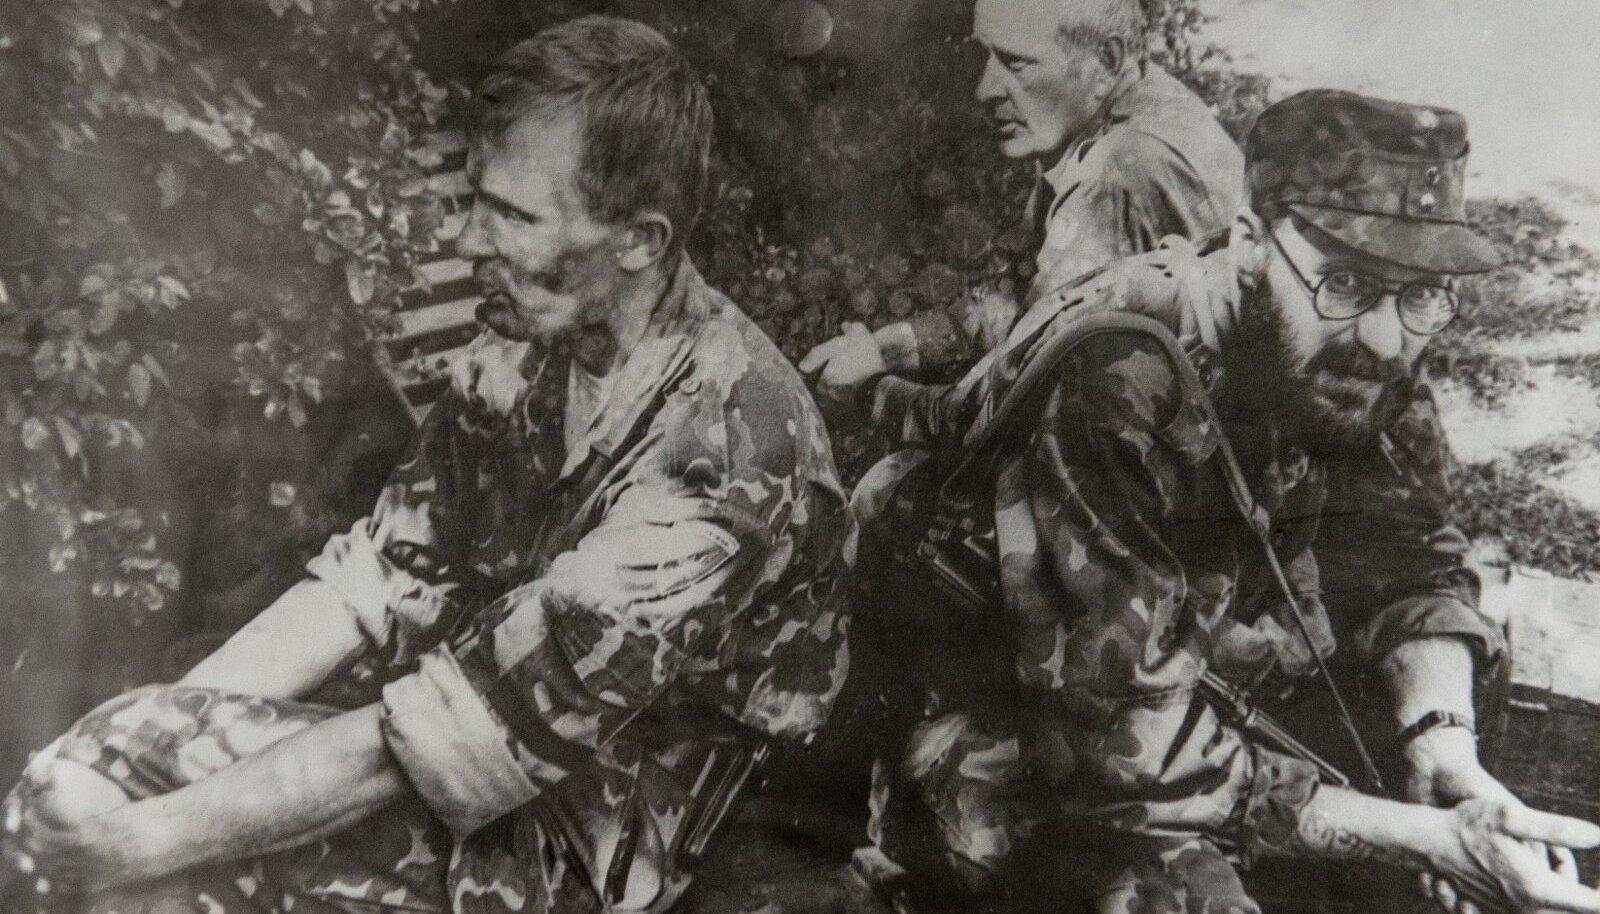 HABE: Andres Lepikut, hüüdnimega Habe, mäletatakse 1993. aasta jäägrimässust vihase ja ohtliku kujuna. Ent toona ta veel haakriste ei kandnud. Fotol: Asso Kommer, Jaak Mosin, Andres Lepiku.